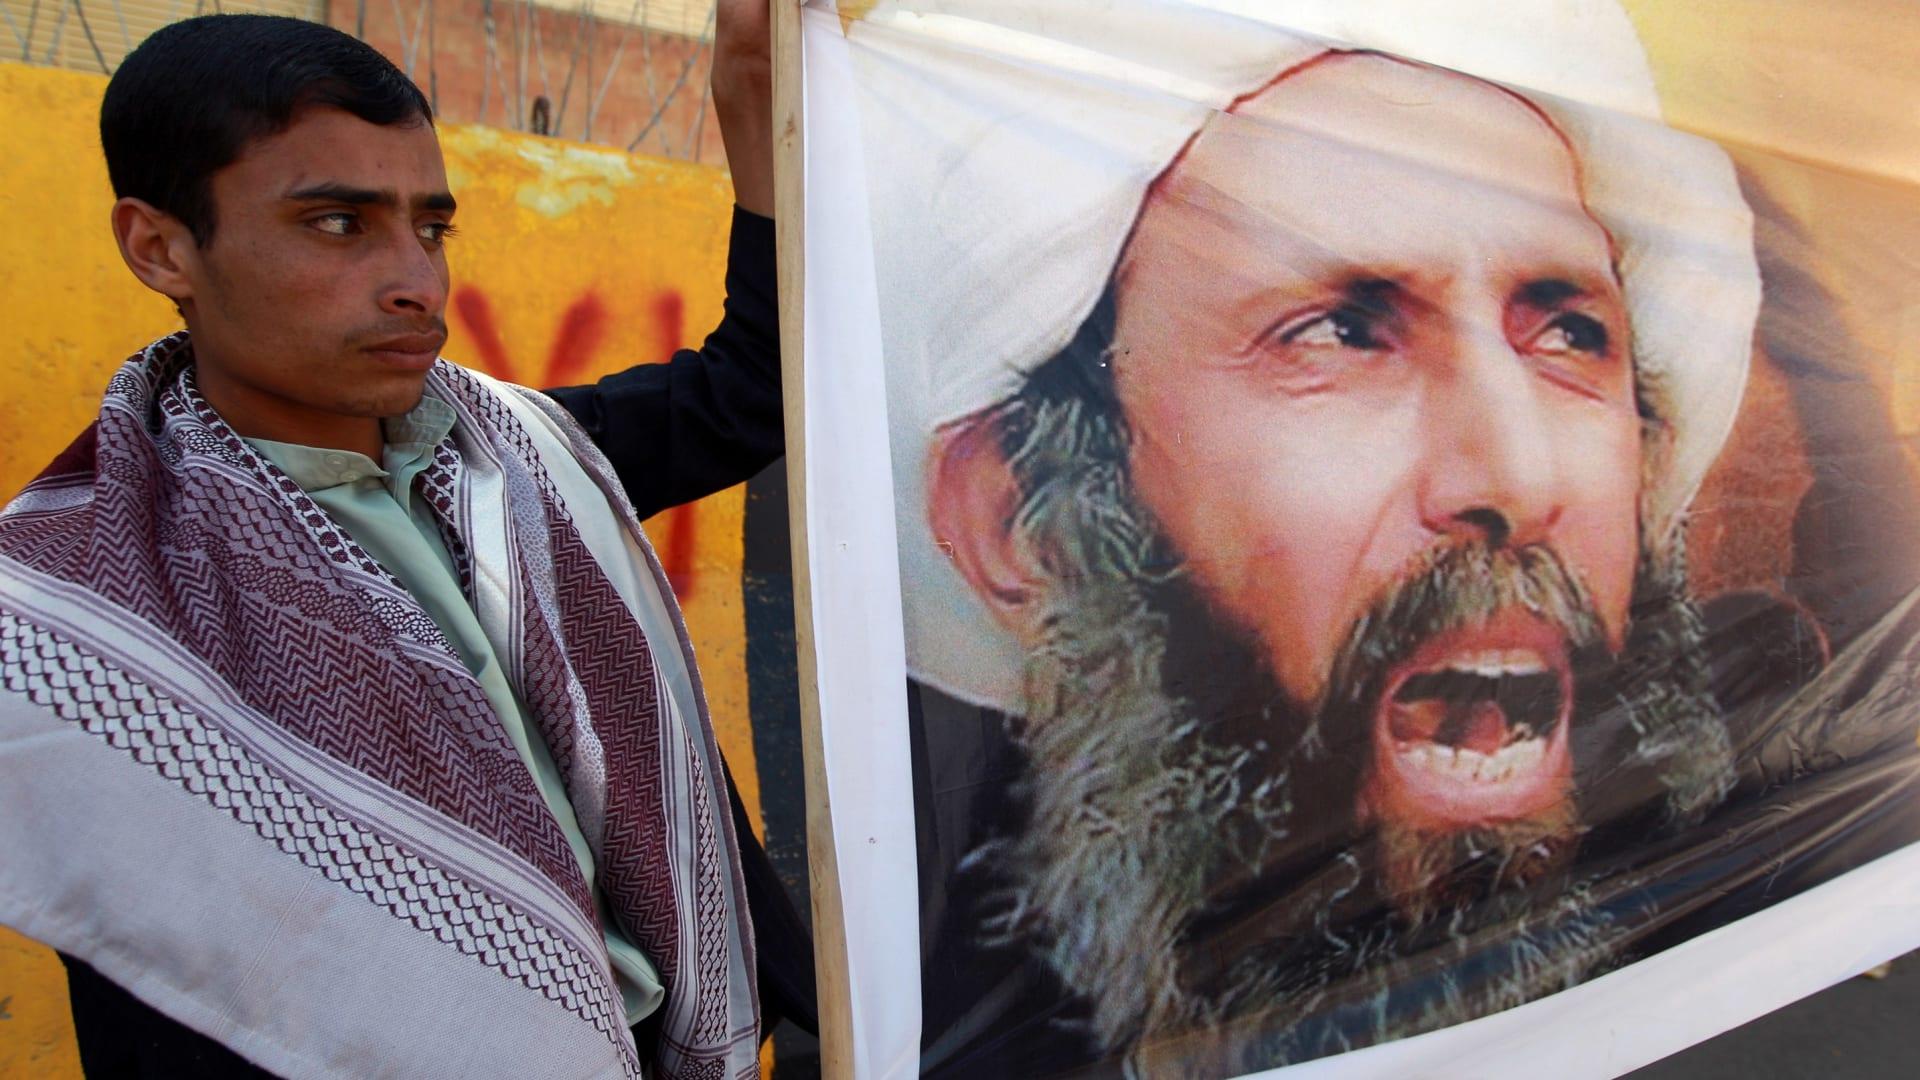 """مؤلف كتاب الانقلاب يتحدث عن نمر النمر والشيرازية وسجناء """"إدارة الوقت"""" ويوجه رسالة لولي عهد السعودية محمد بن سلمان"""